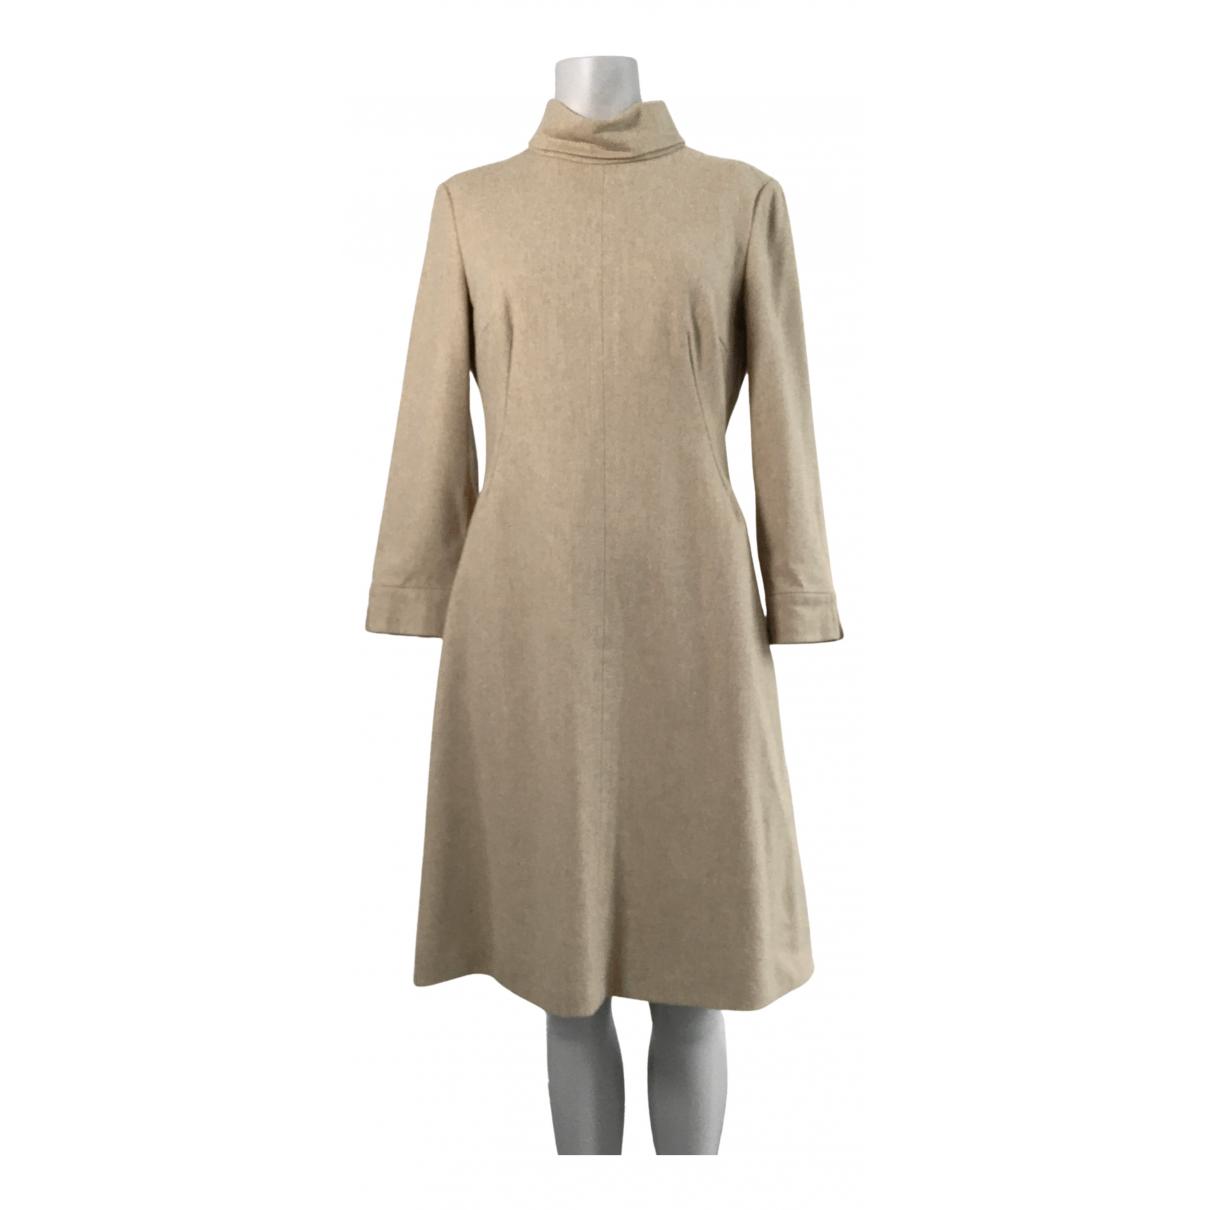 Strenesse \N Kleid in  Beige Wolle